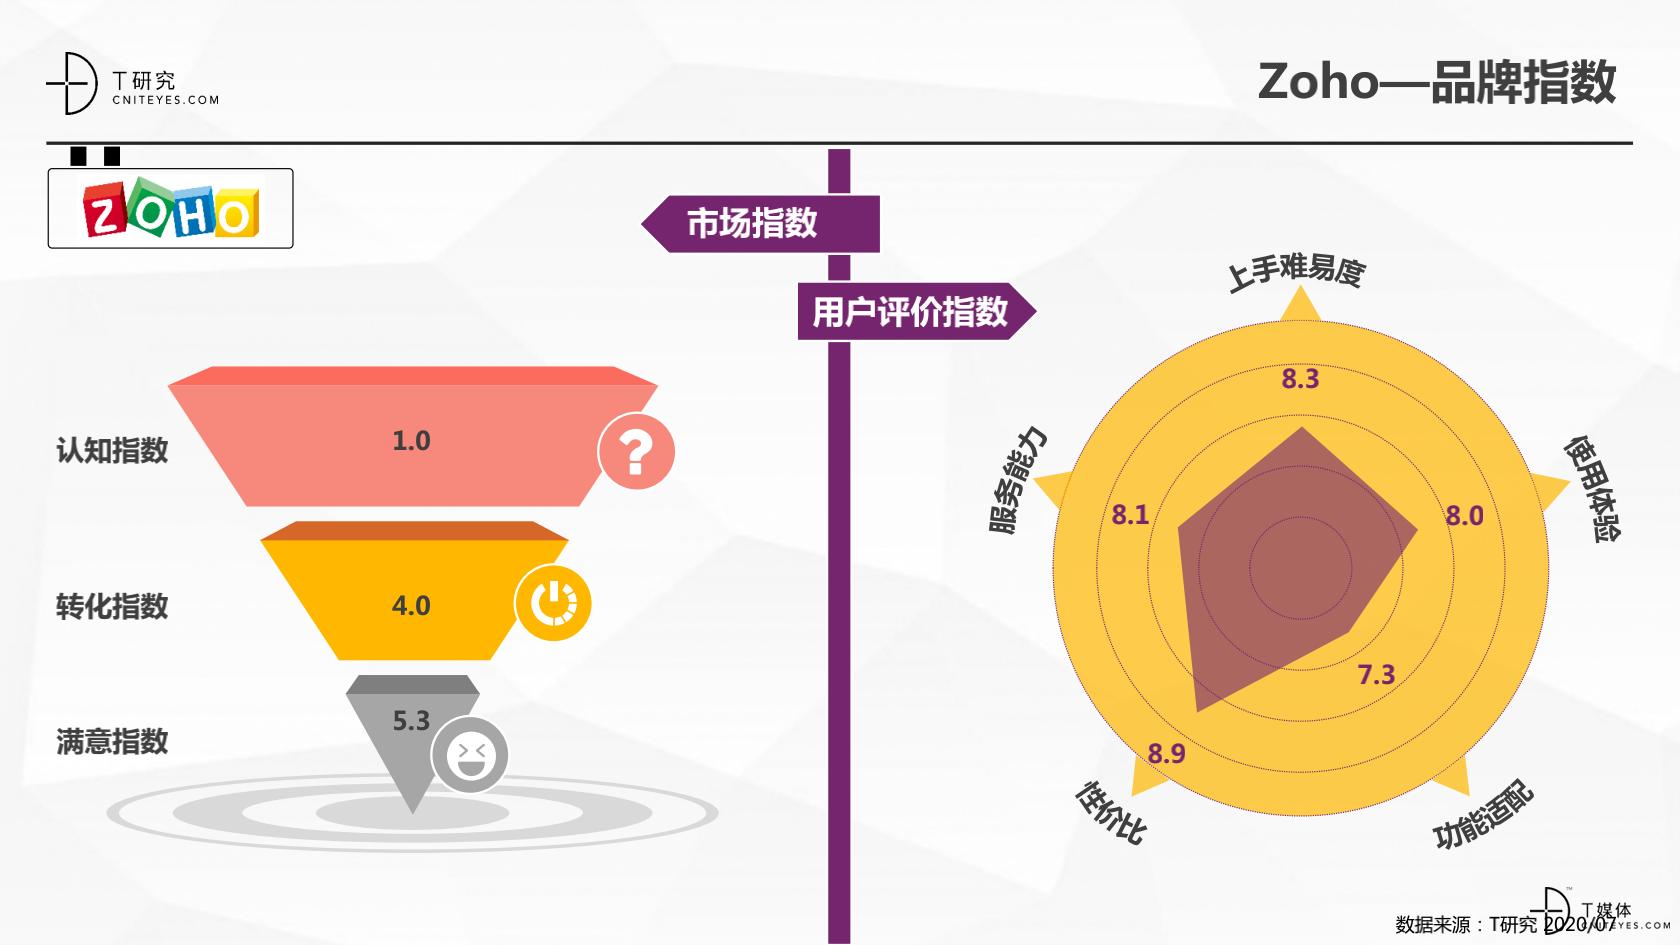 2_2020中国CRM指数测评报告v1.5_36.png